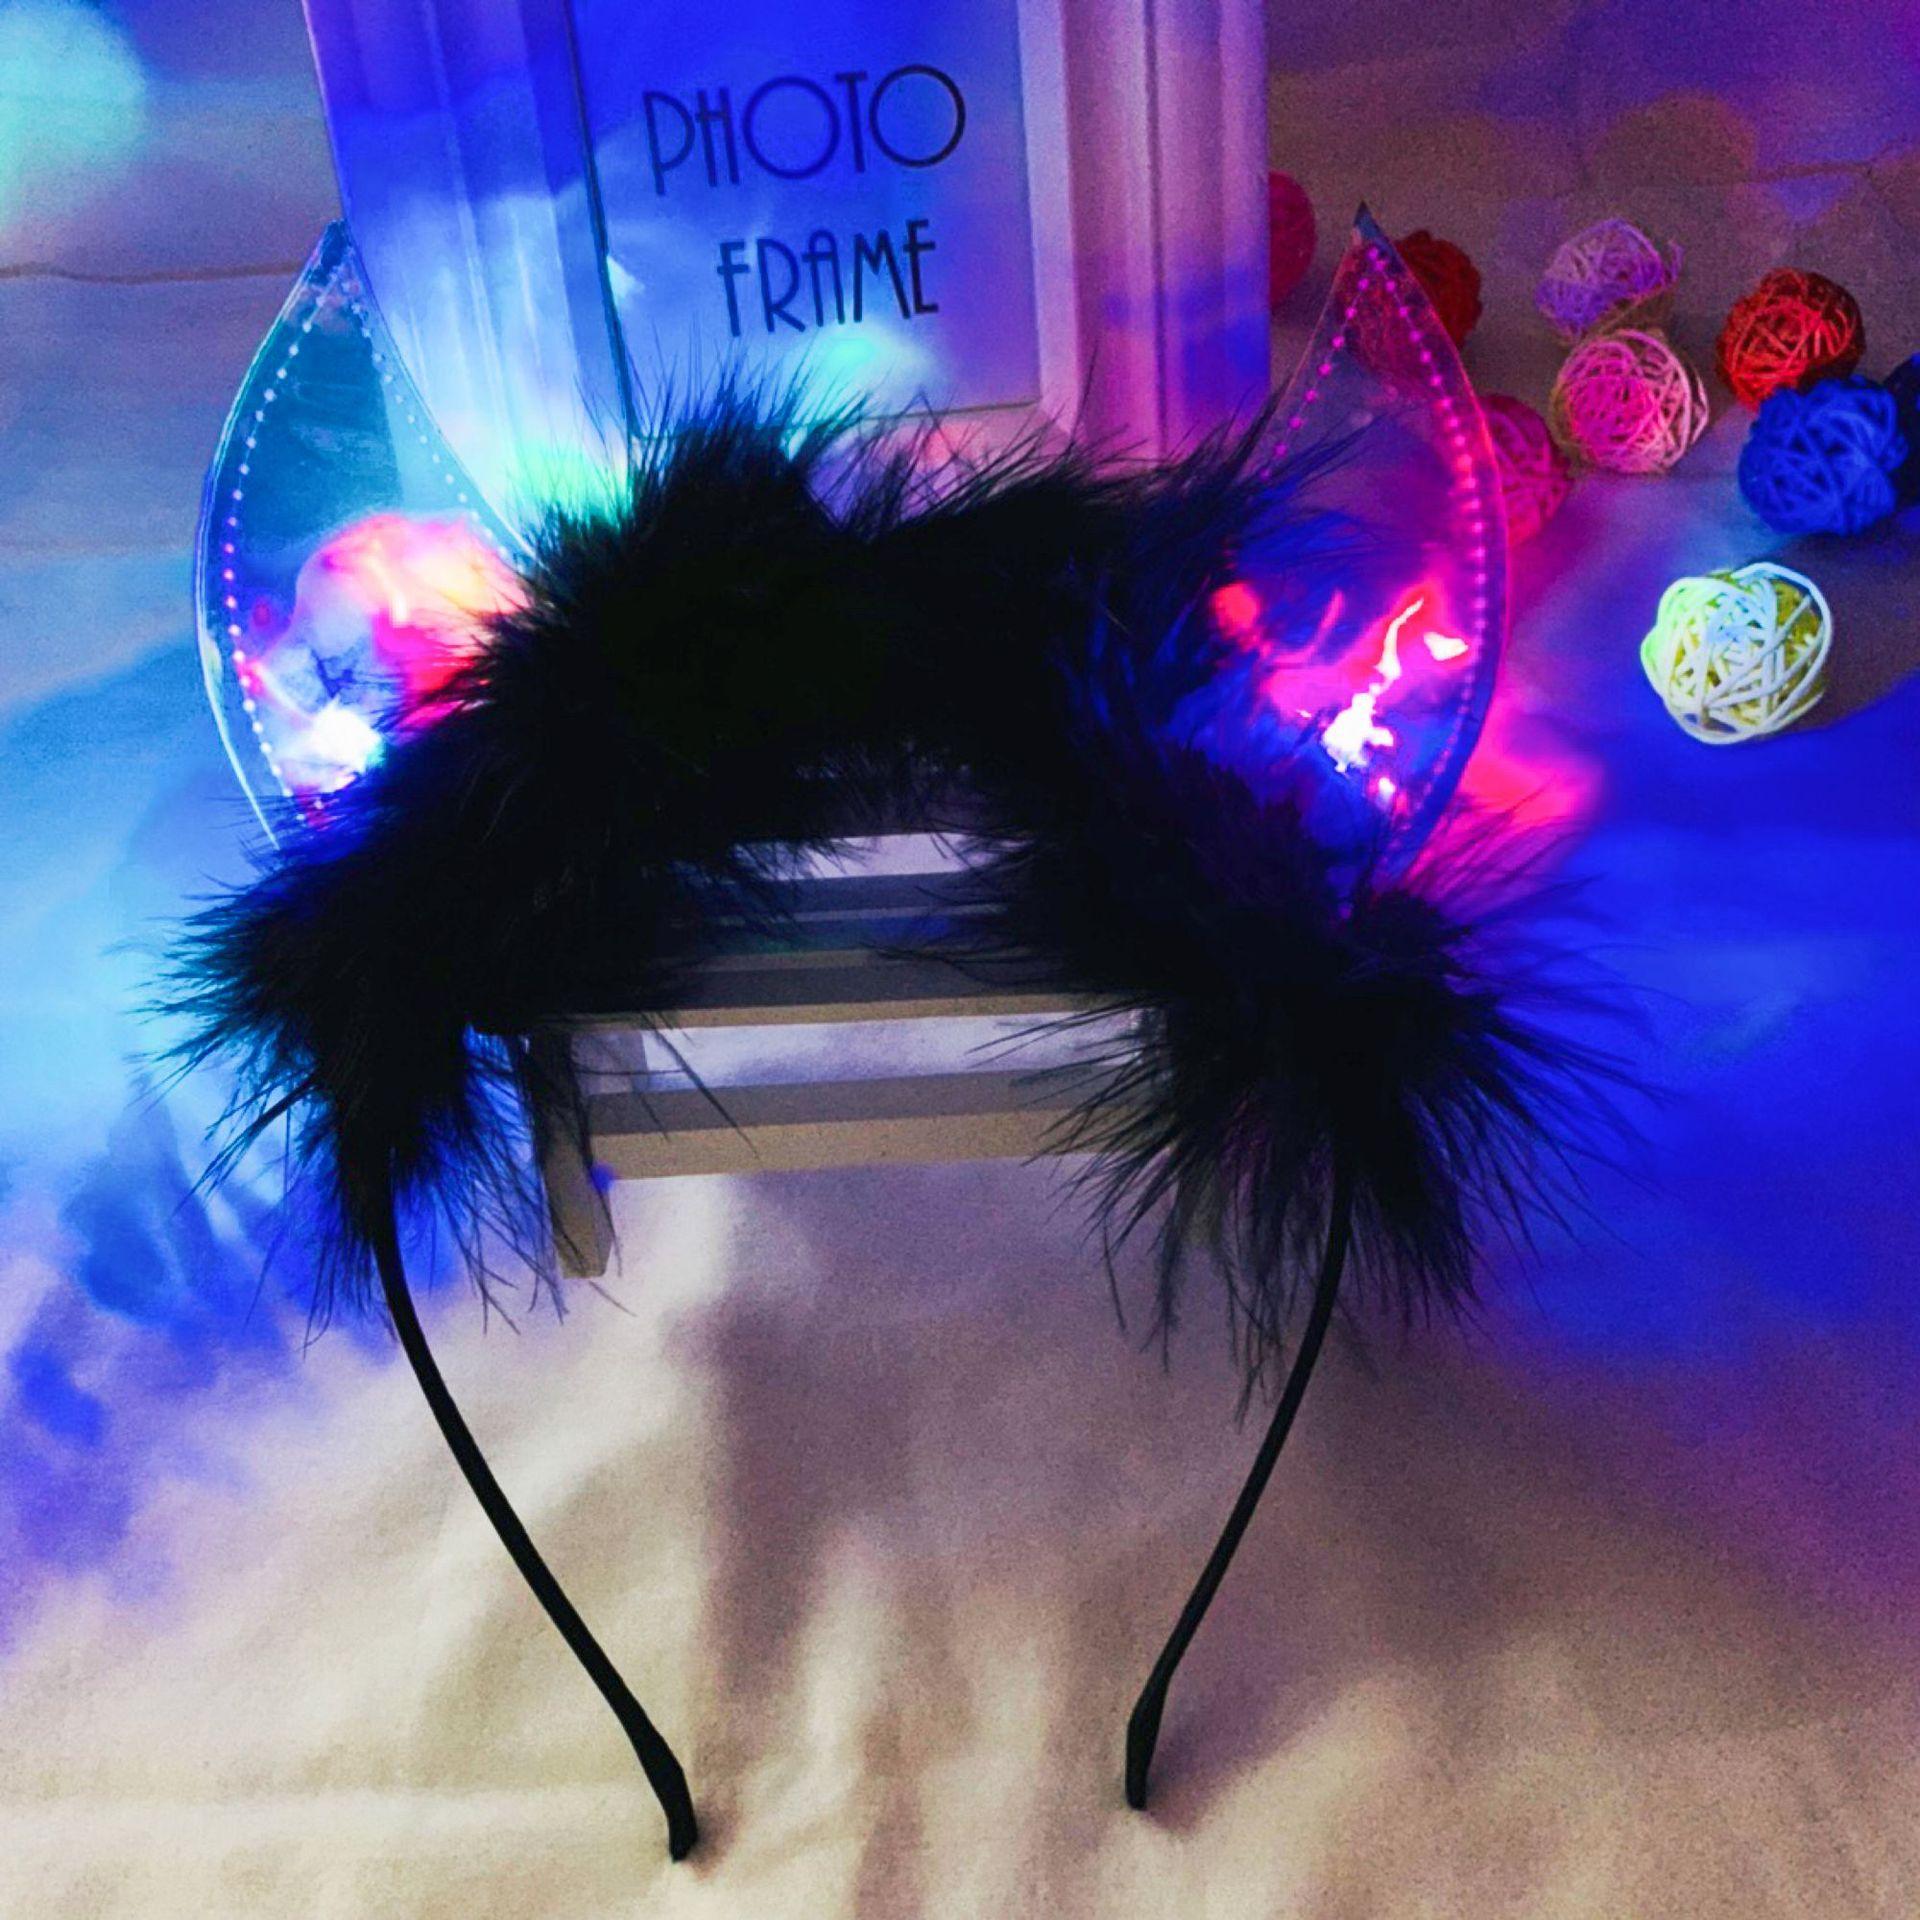 LED Eyelashes Light Up Flashing Fashion Lashes Hen Halloween Xmas Rave Party